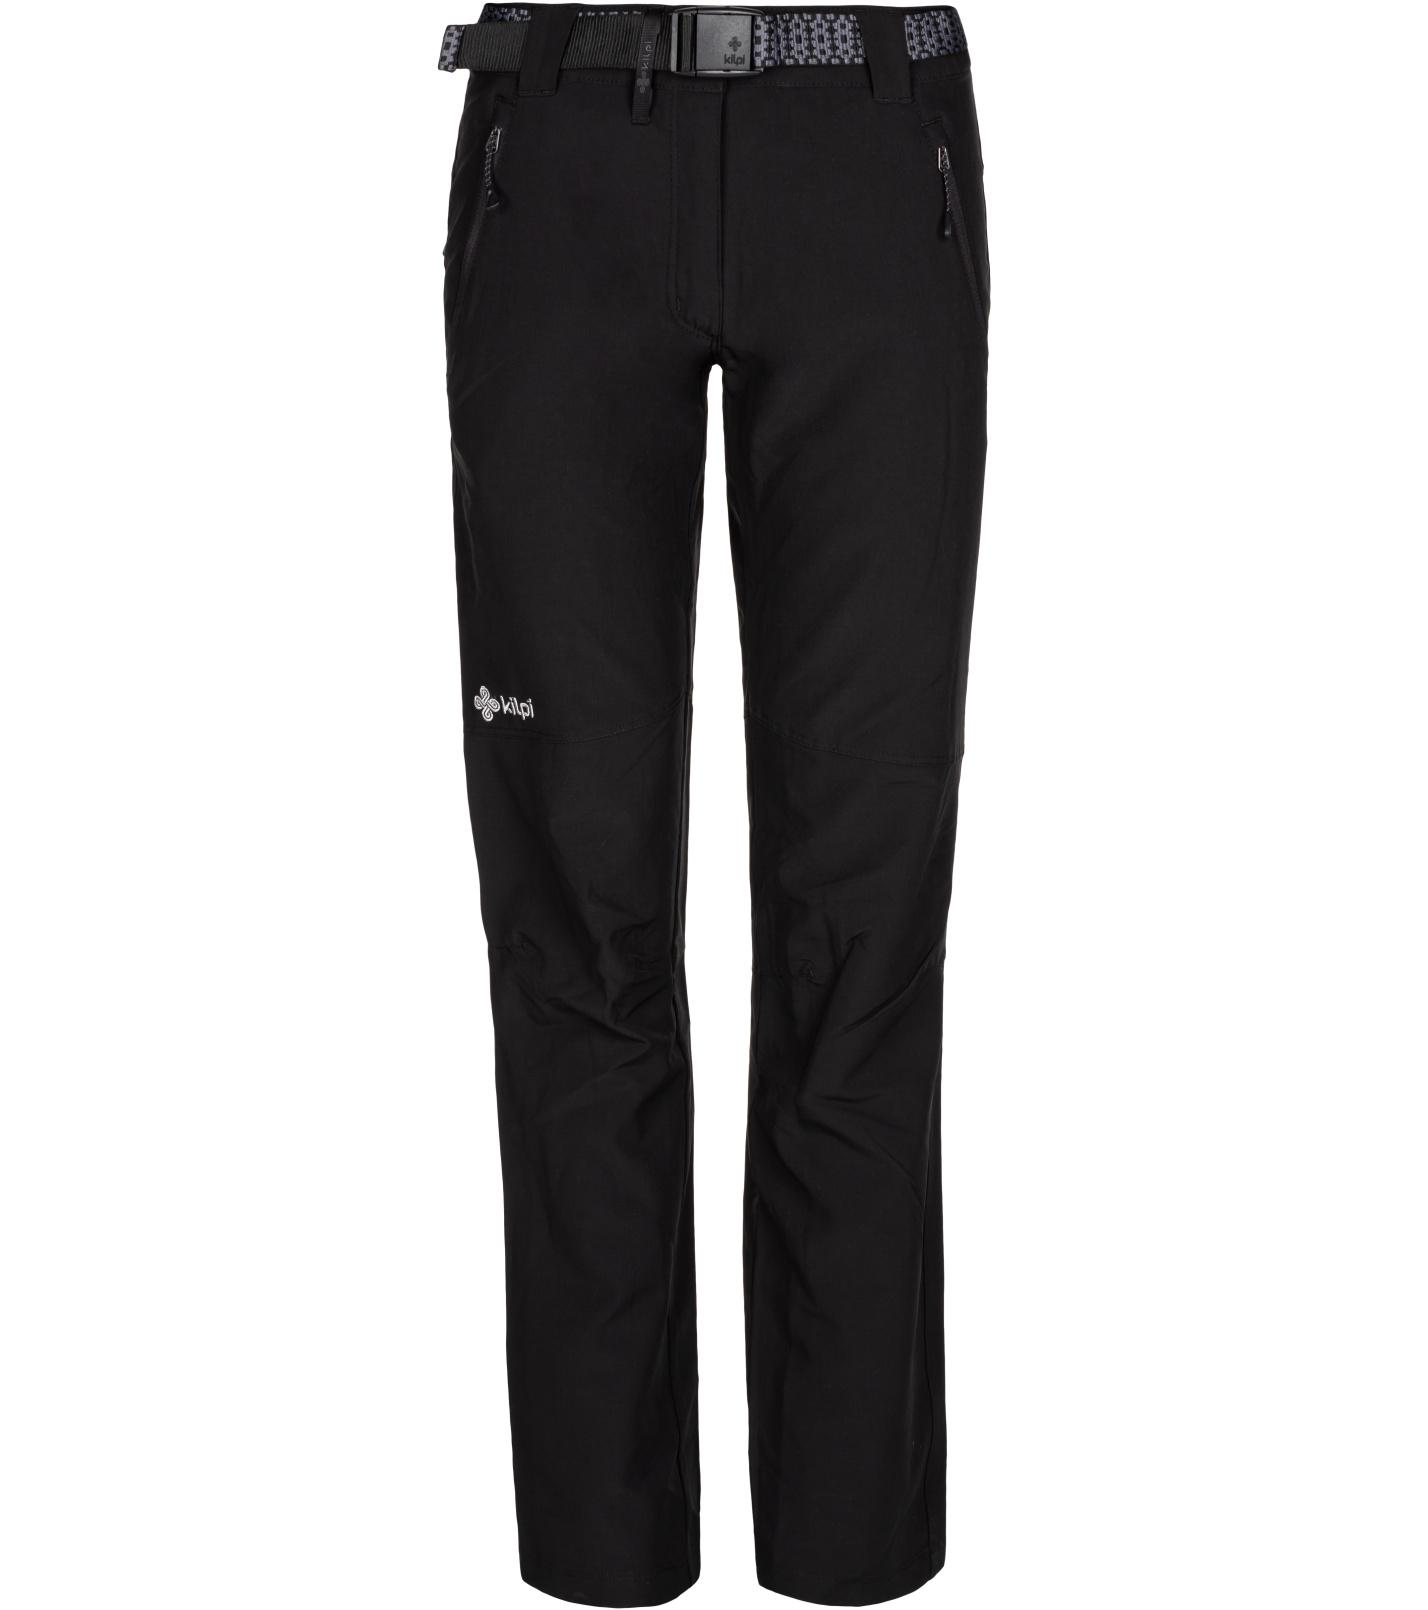 KILPI Dámské outdoorové kalhoty WANAKA-W ML0026KIBLK Černá 40